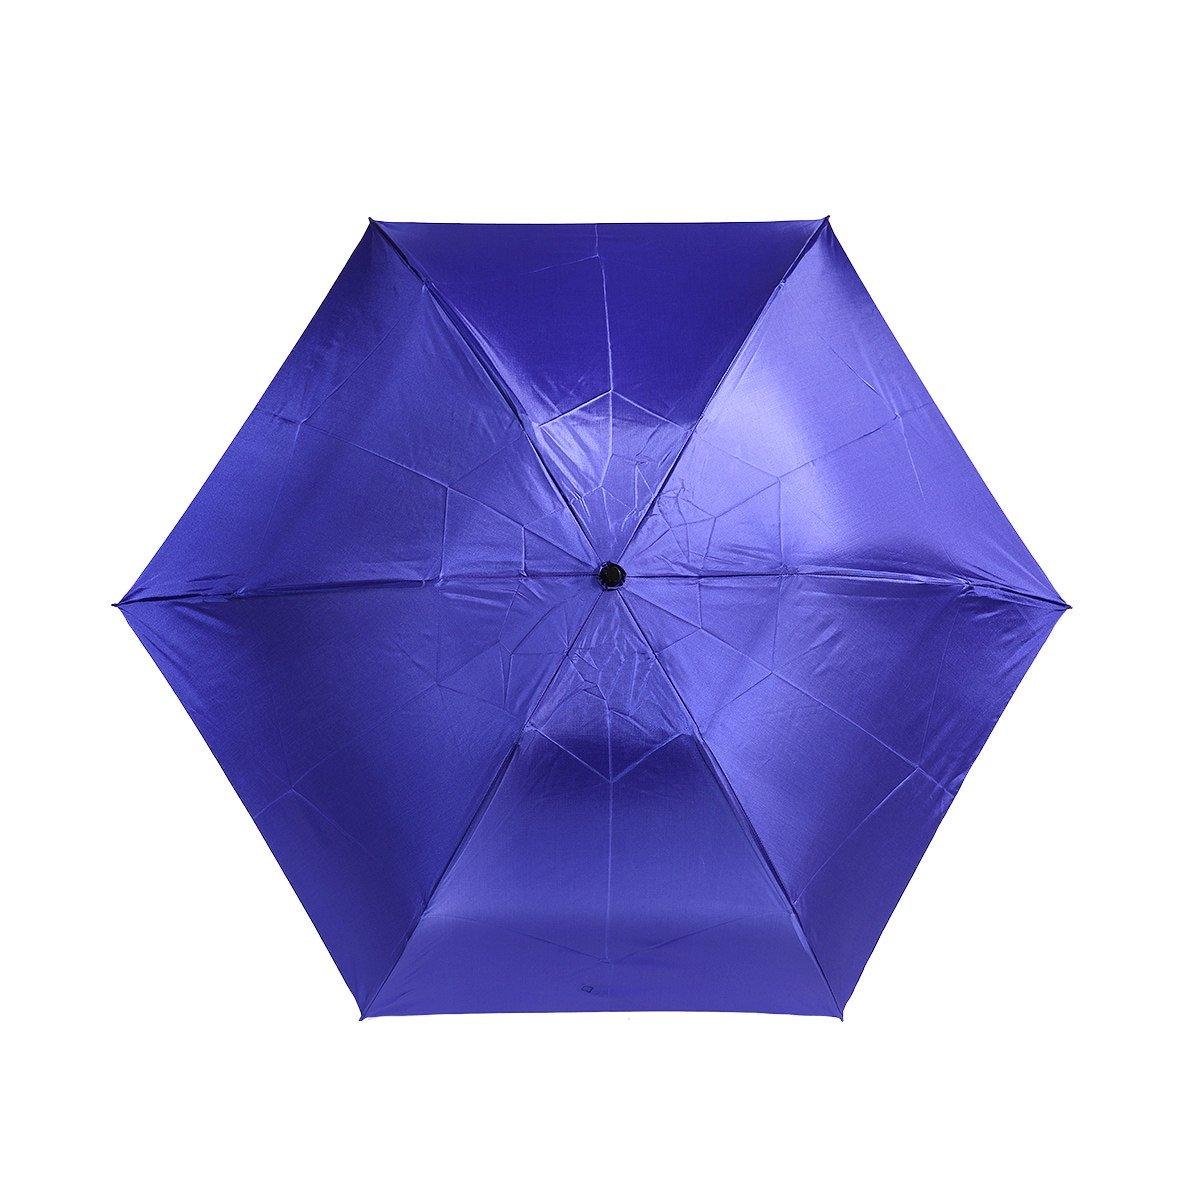 レディース 富士絹 折りたたみ傘 詳細画像13